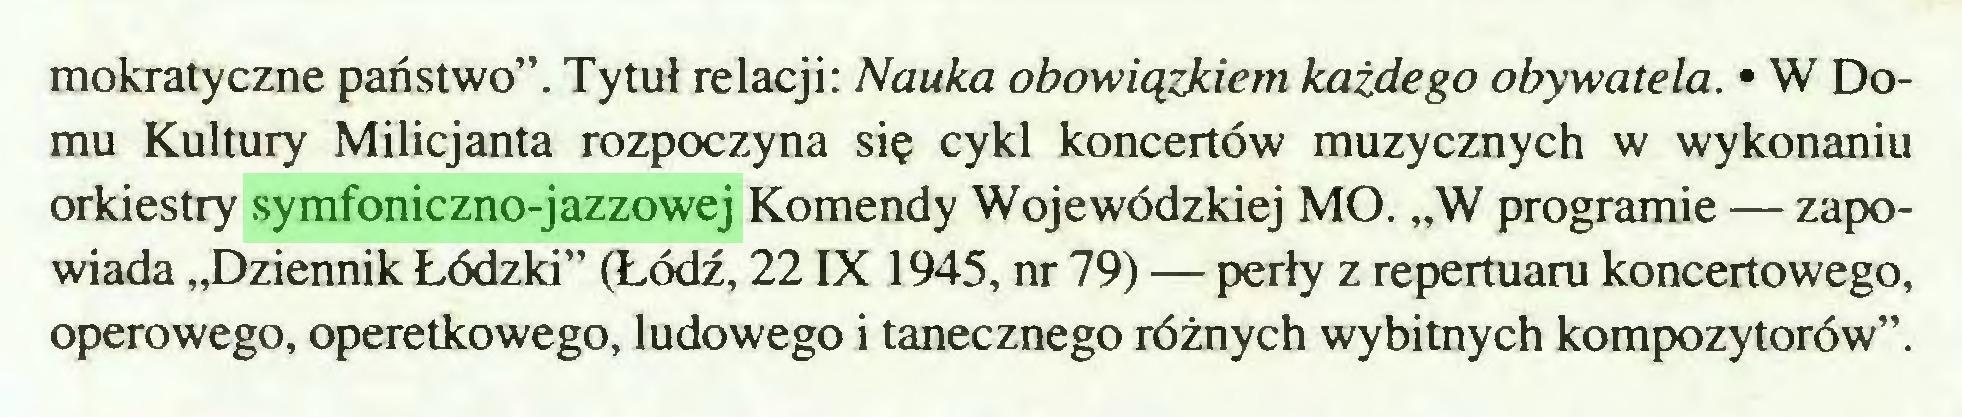 """(...) mokratyczne państwo"""". Tytuł relacji: Nauka obowiązkiem każdego obywatela. • W Domu Kultury Milicjanta rozpoczyna się cykl koncertów muzycznych w wykonaniu orkiestry symfoniczno-jazzowej Komendy Wojewódzkiej MO. """"W programie — zapowiada """"Dziennik Łódzki"""" (Łódź, 22 IX 1945, nr 79) — perły z repertuaru koncertowego, operowego, operetkowego, ludowego i tanecznego różnych wybitnych kompozytorów""""..."""